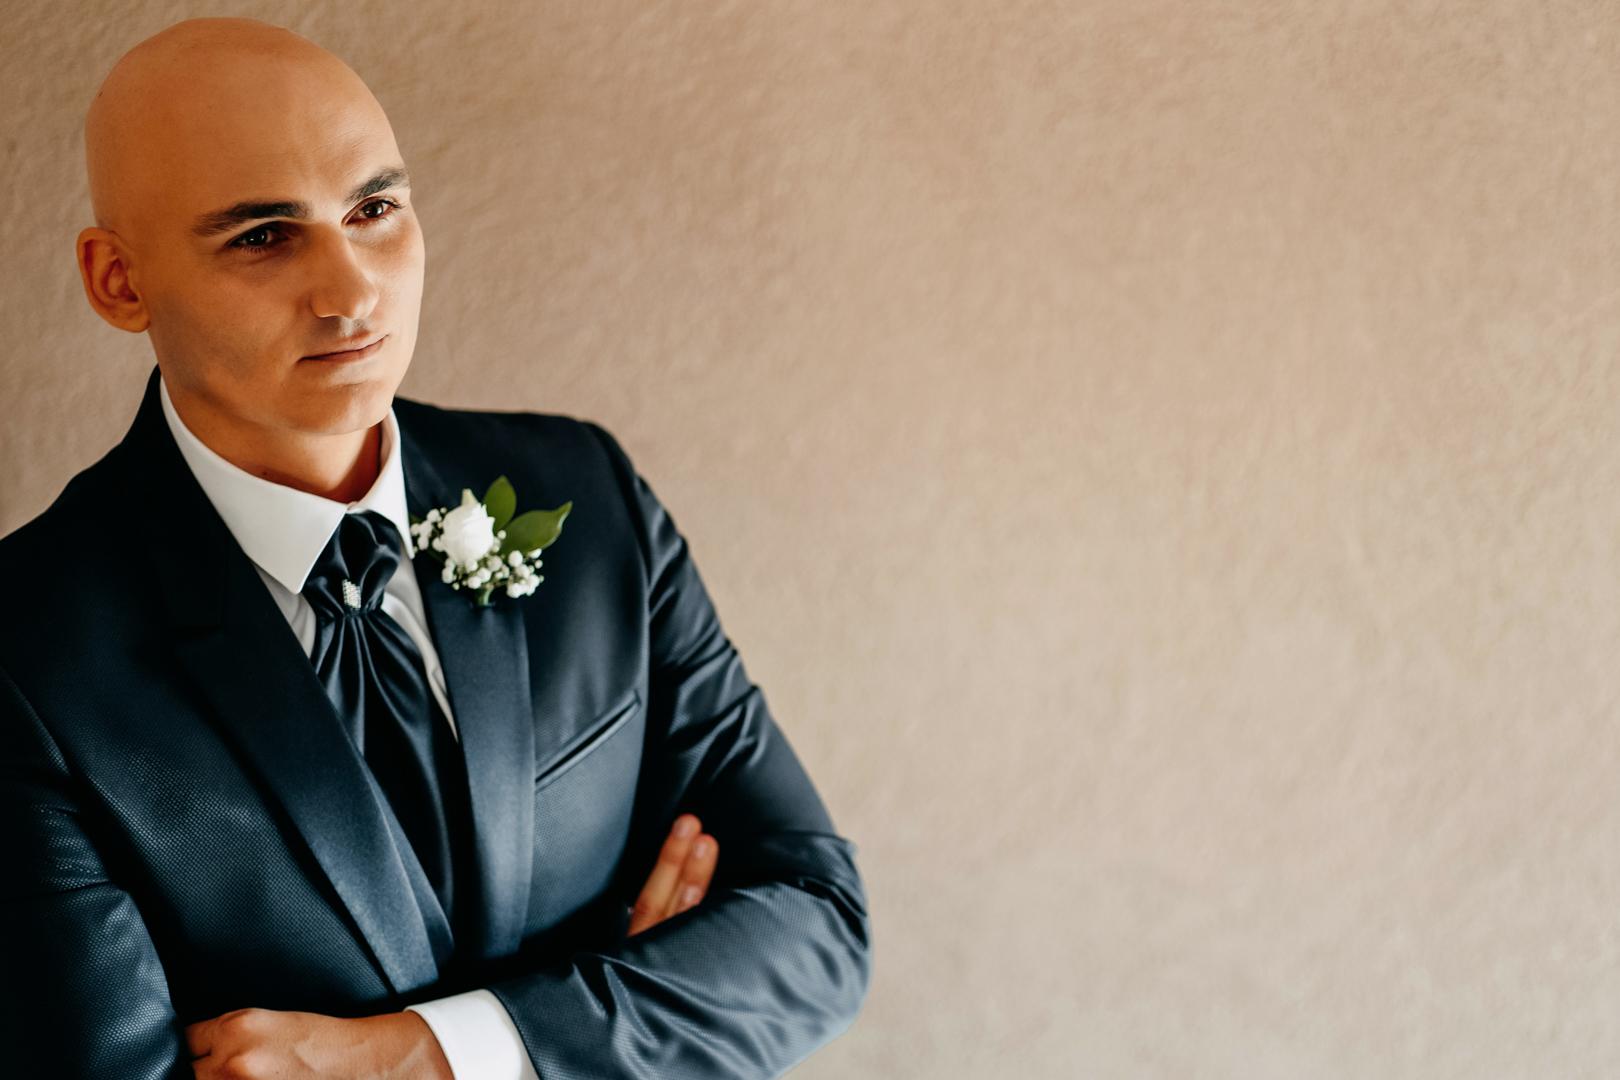 7 gianni-lepore-ritratto-sposo-groom